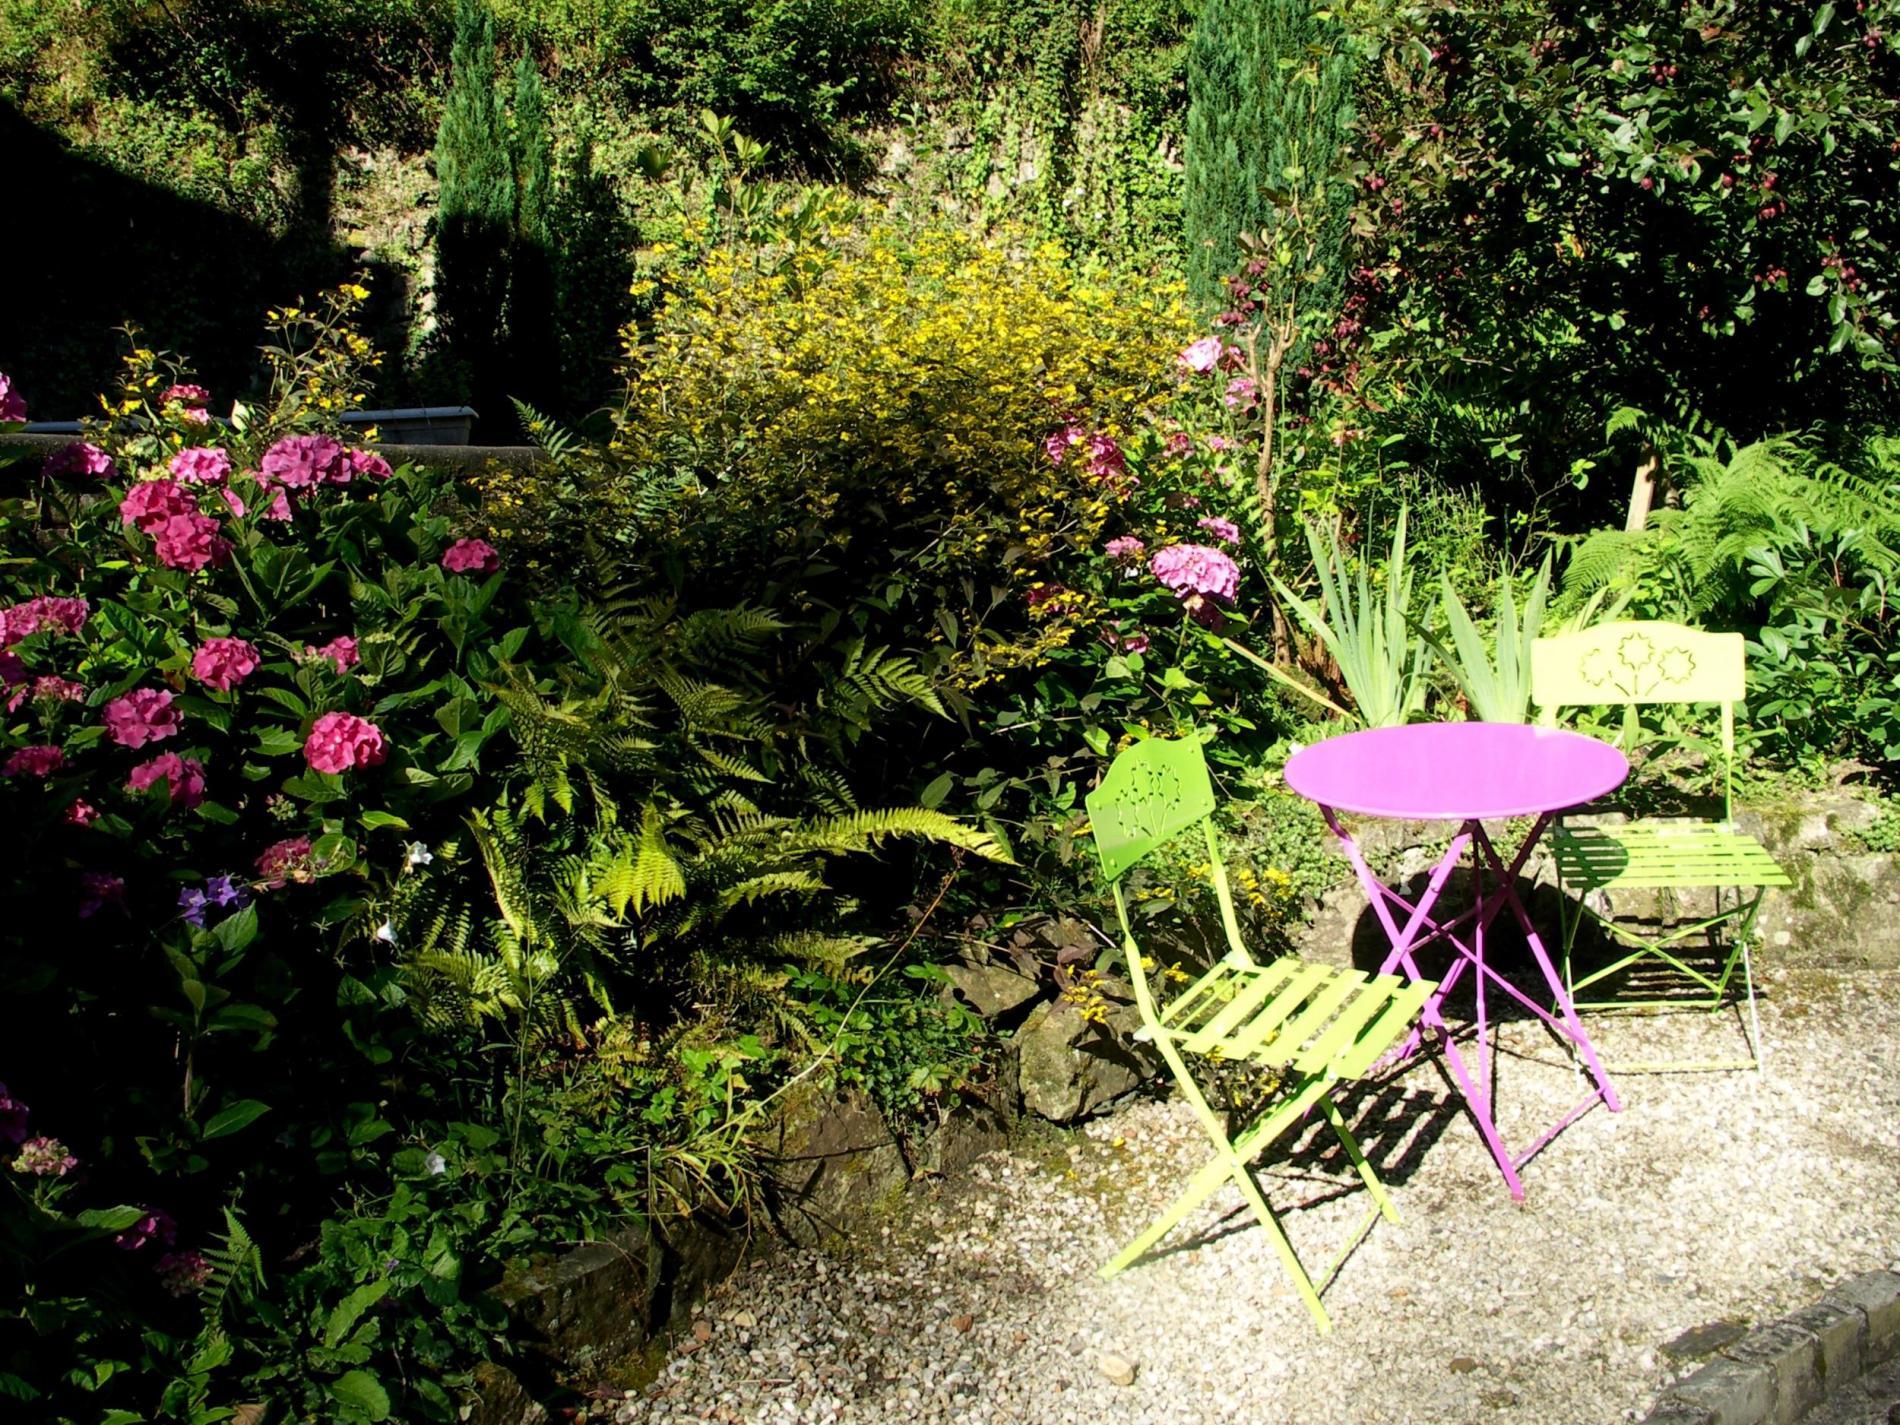 Jardin, Hôtel SPA Le Roc au Chien à proximité des thermes à Bagnoles-de-l'Orne Normandie